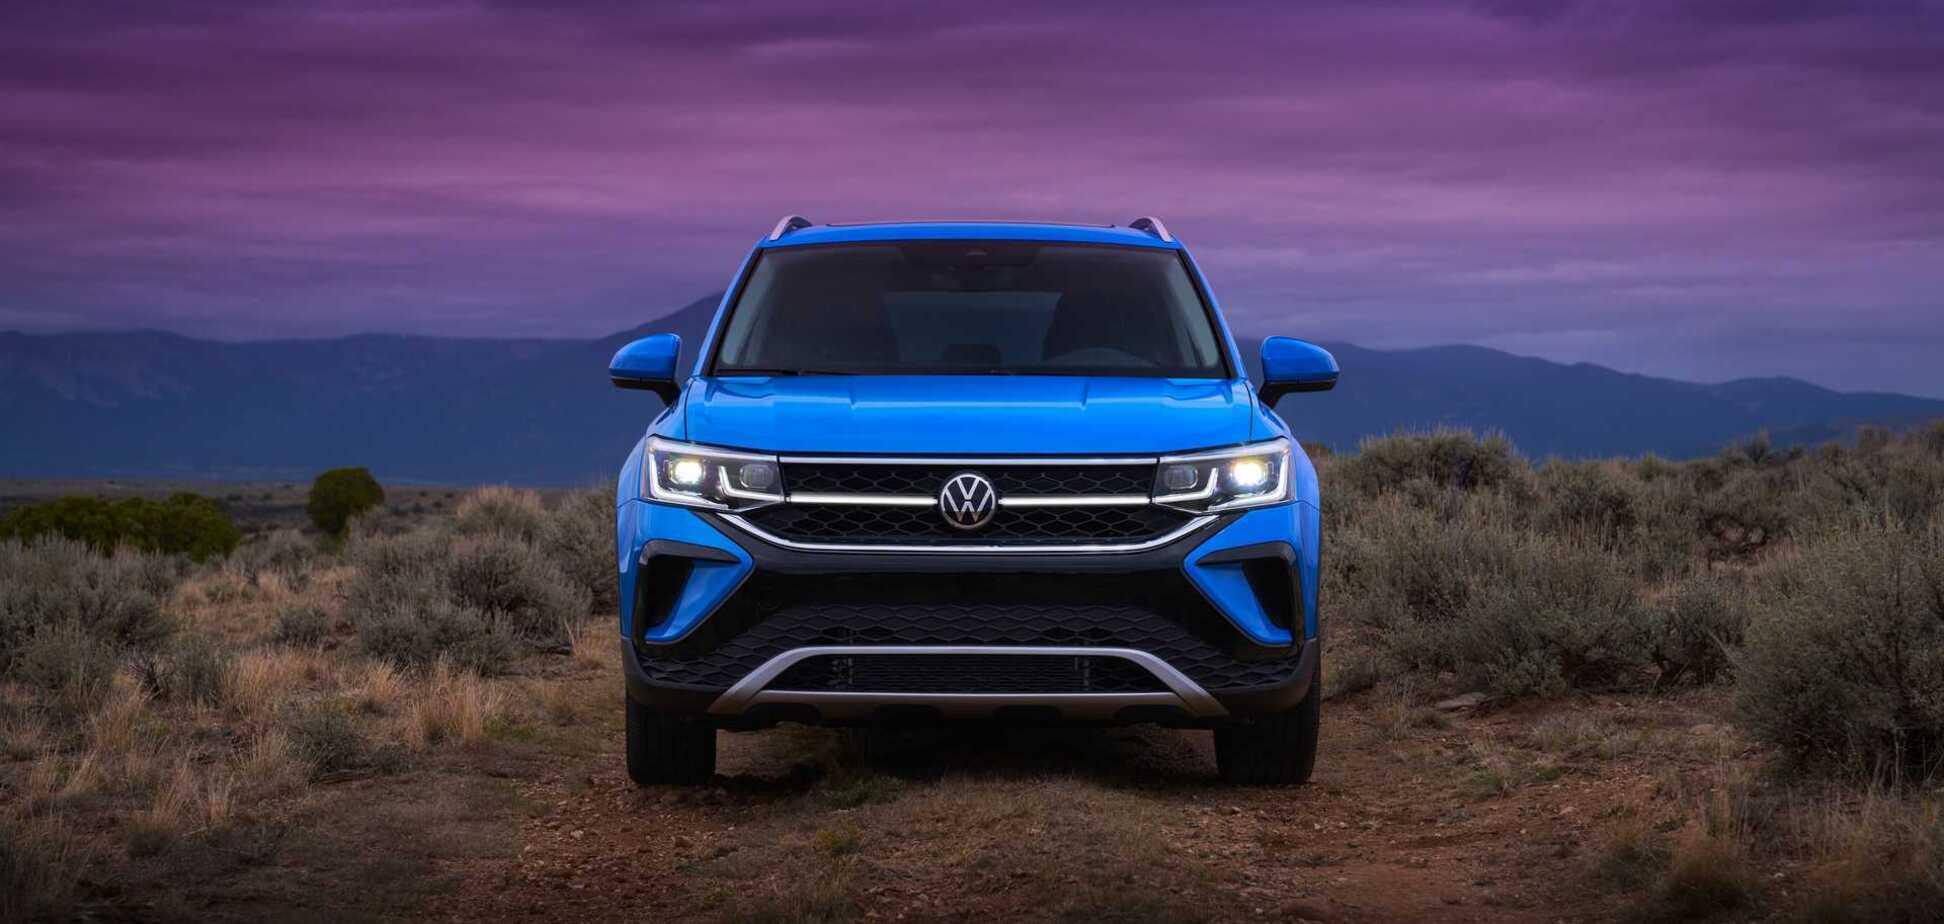 Представлен новый кроссовер Volkswagen Taos с двигателем от Jetta